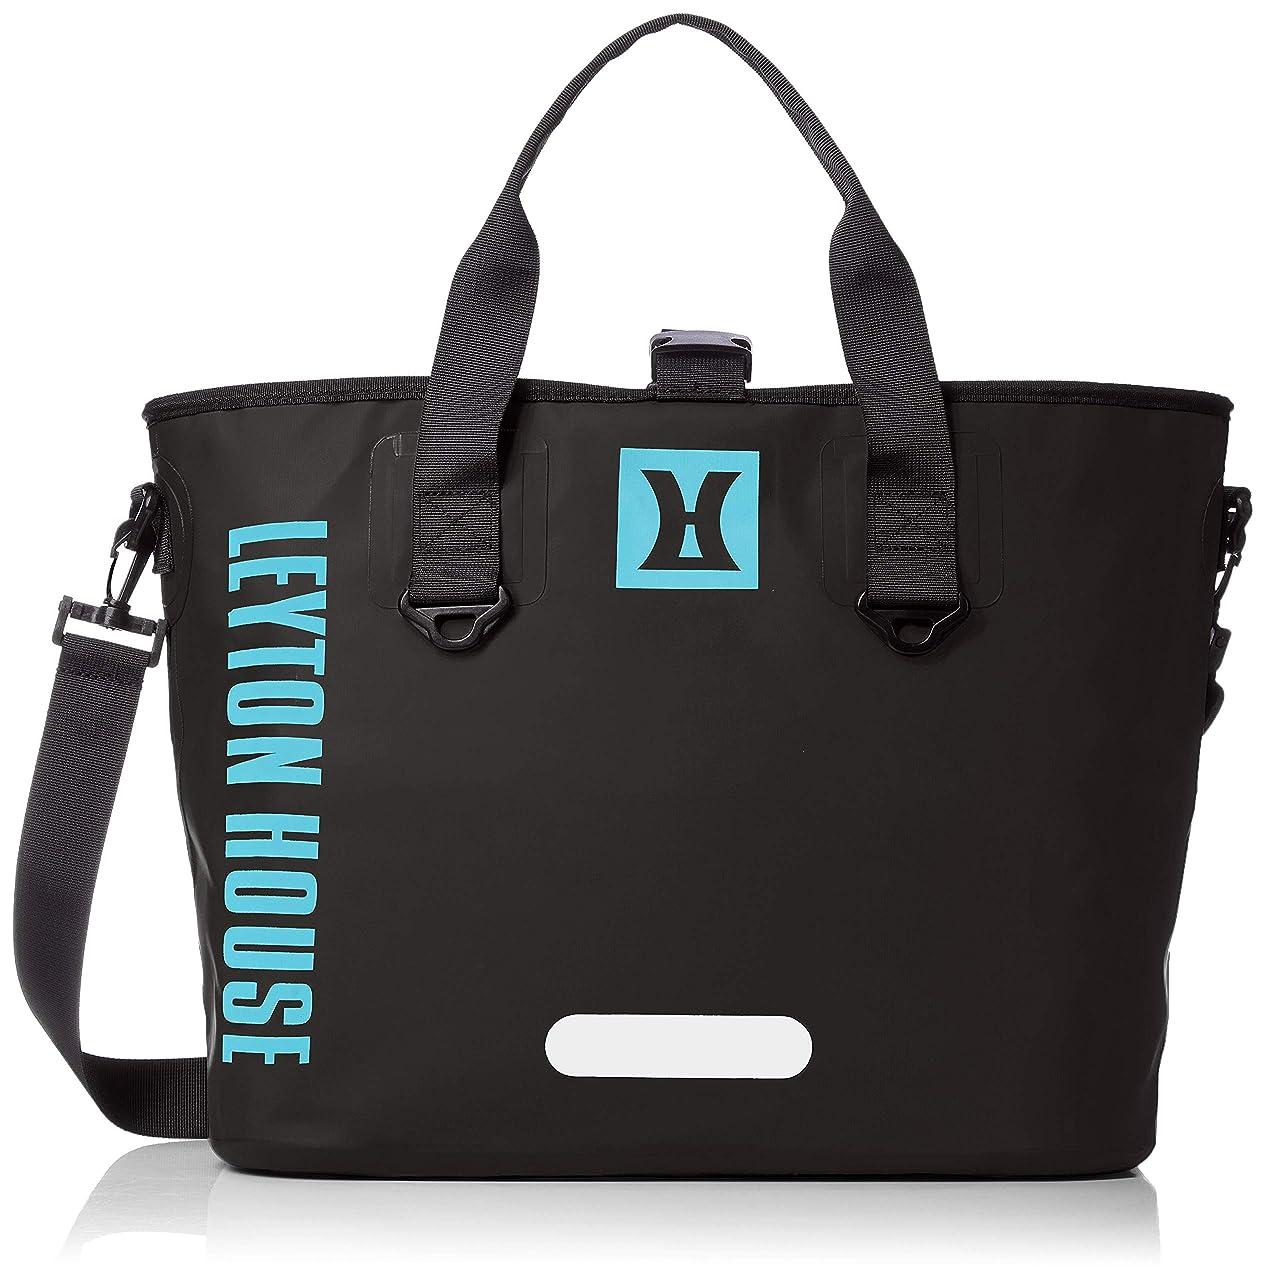 ファシズム着実にパーツ[レイトンハウス] SPLASH/スプラッシュ 防水トートバッグ ショルダーバッグ プール マリン バック 防水 鞄 TOTE 【35L】